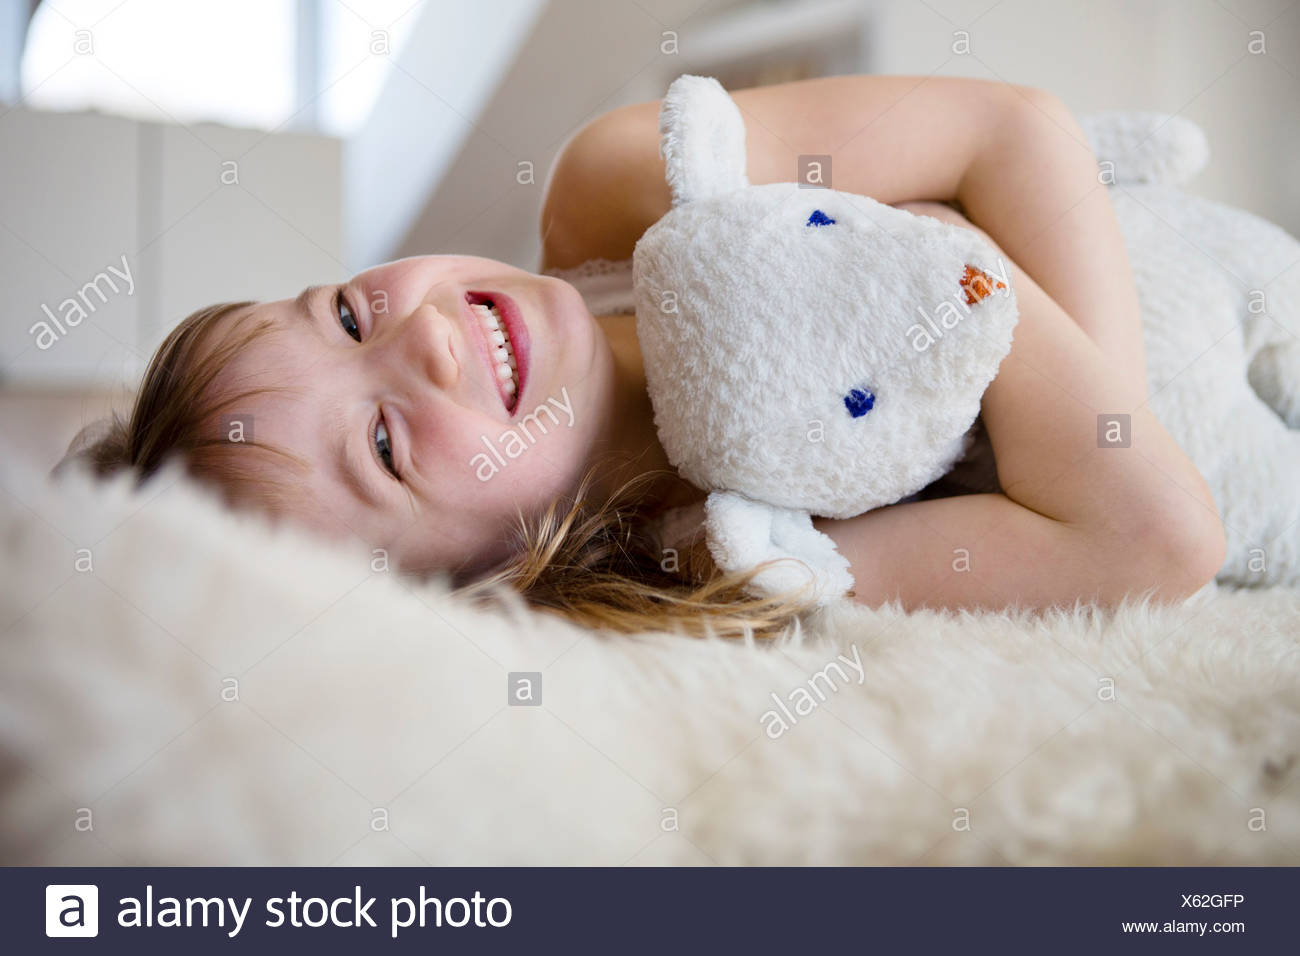 Mädchen auf pelzigen Bett kuscheln Teddybär Stockbild